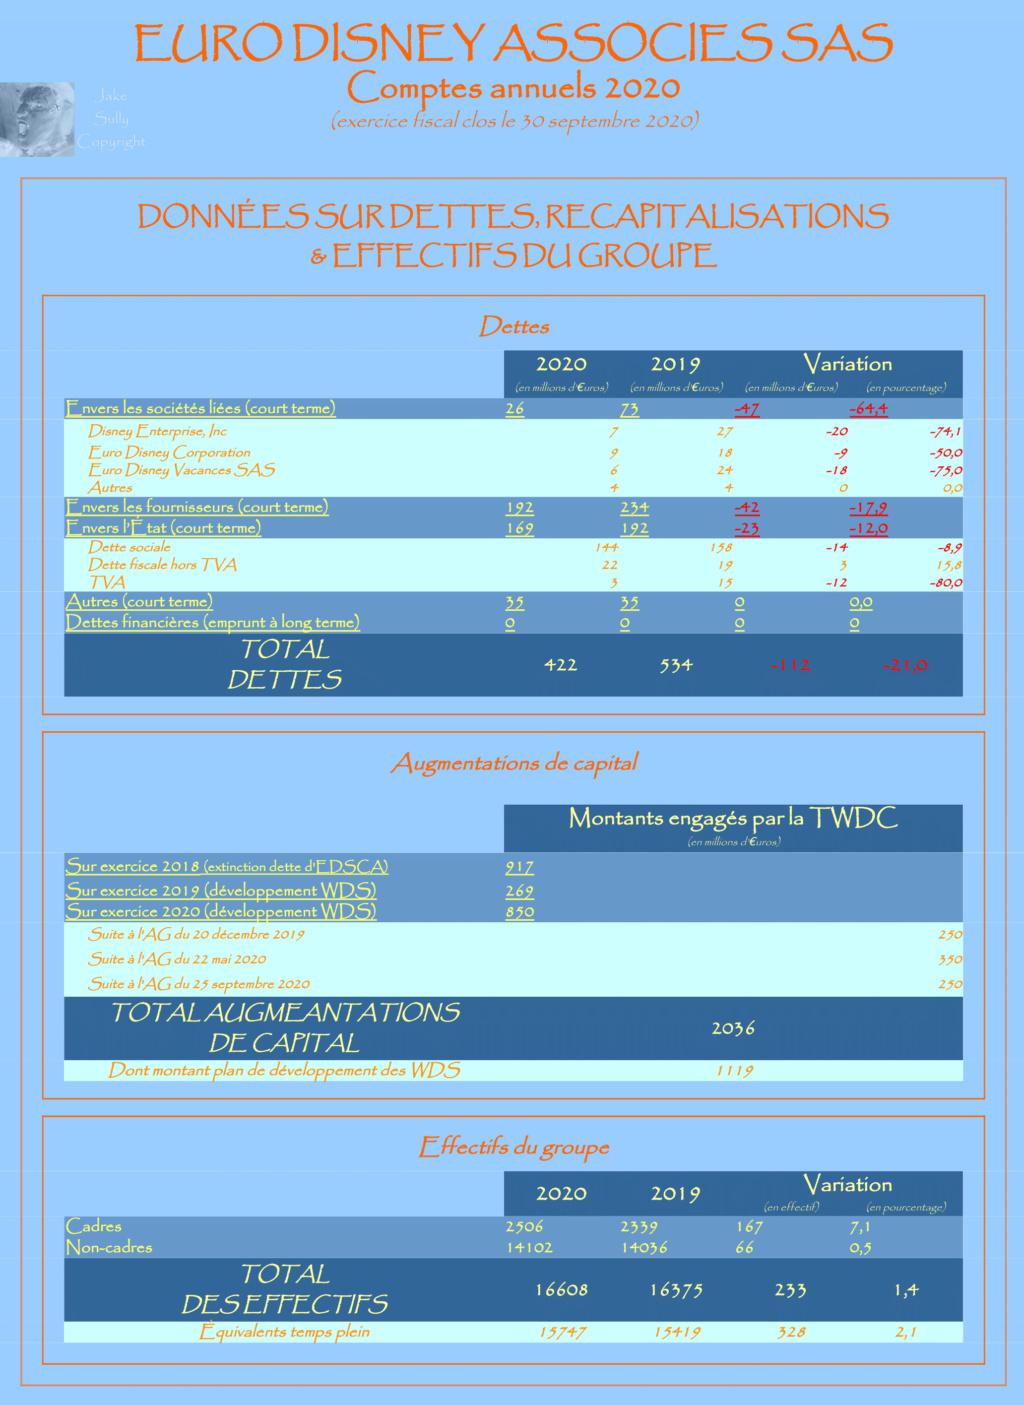 Résultats annuels Euro Disney Associés SAS - Résultats 2020 en Page 2 - Page 2 4_anne10